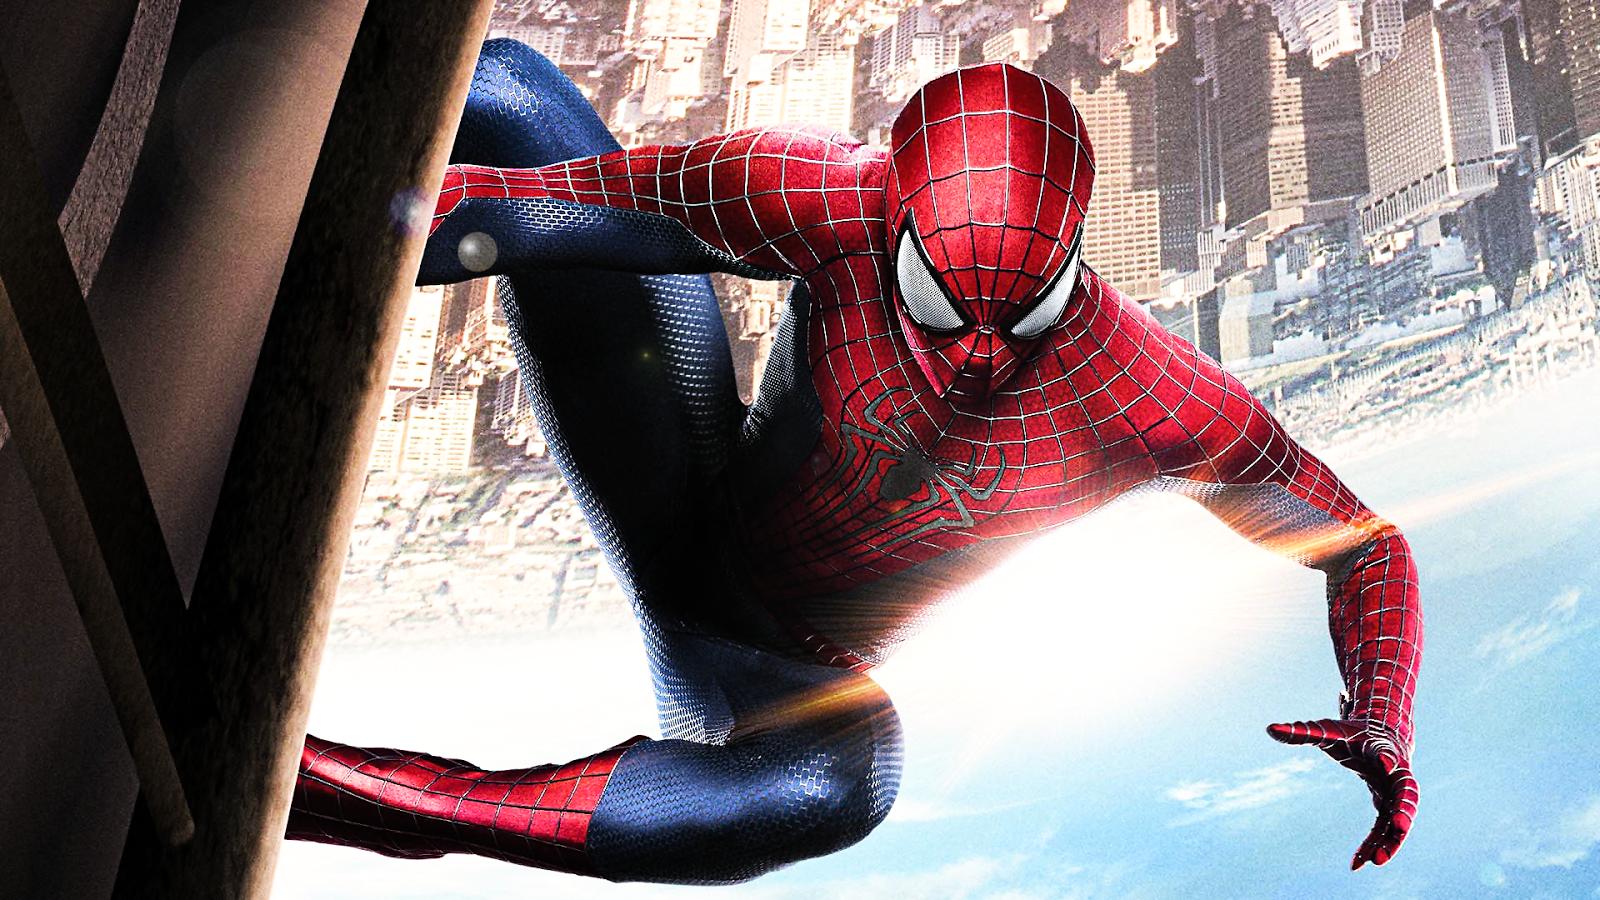 spider man 2 free download movie